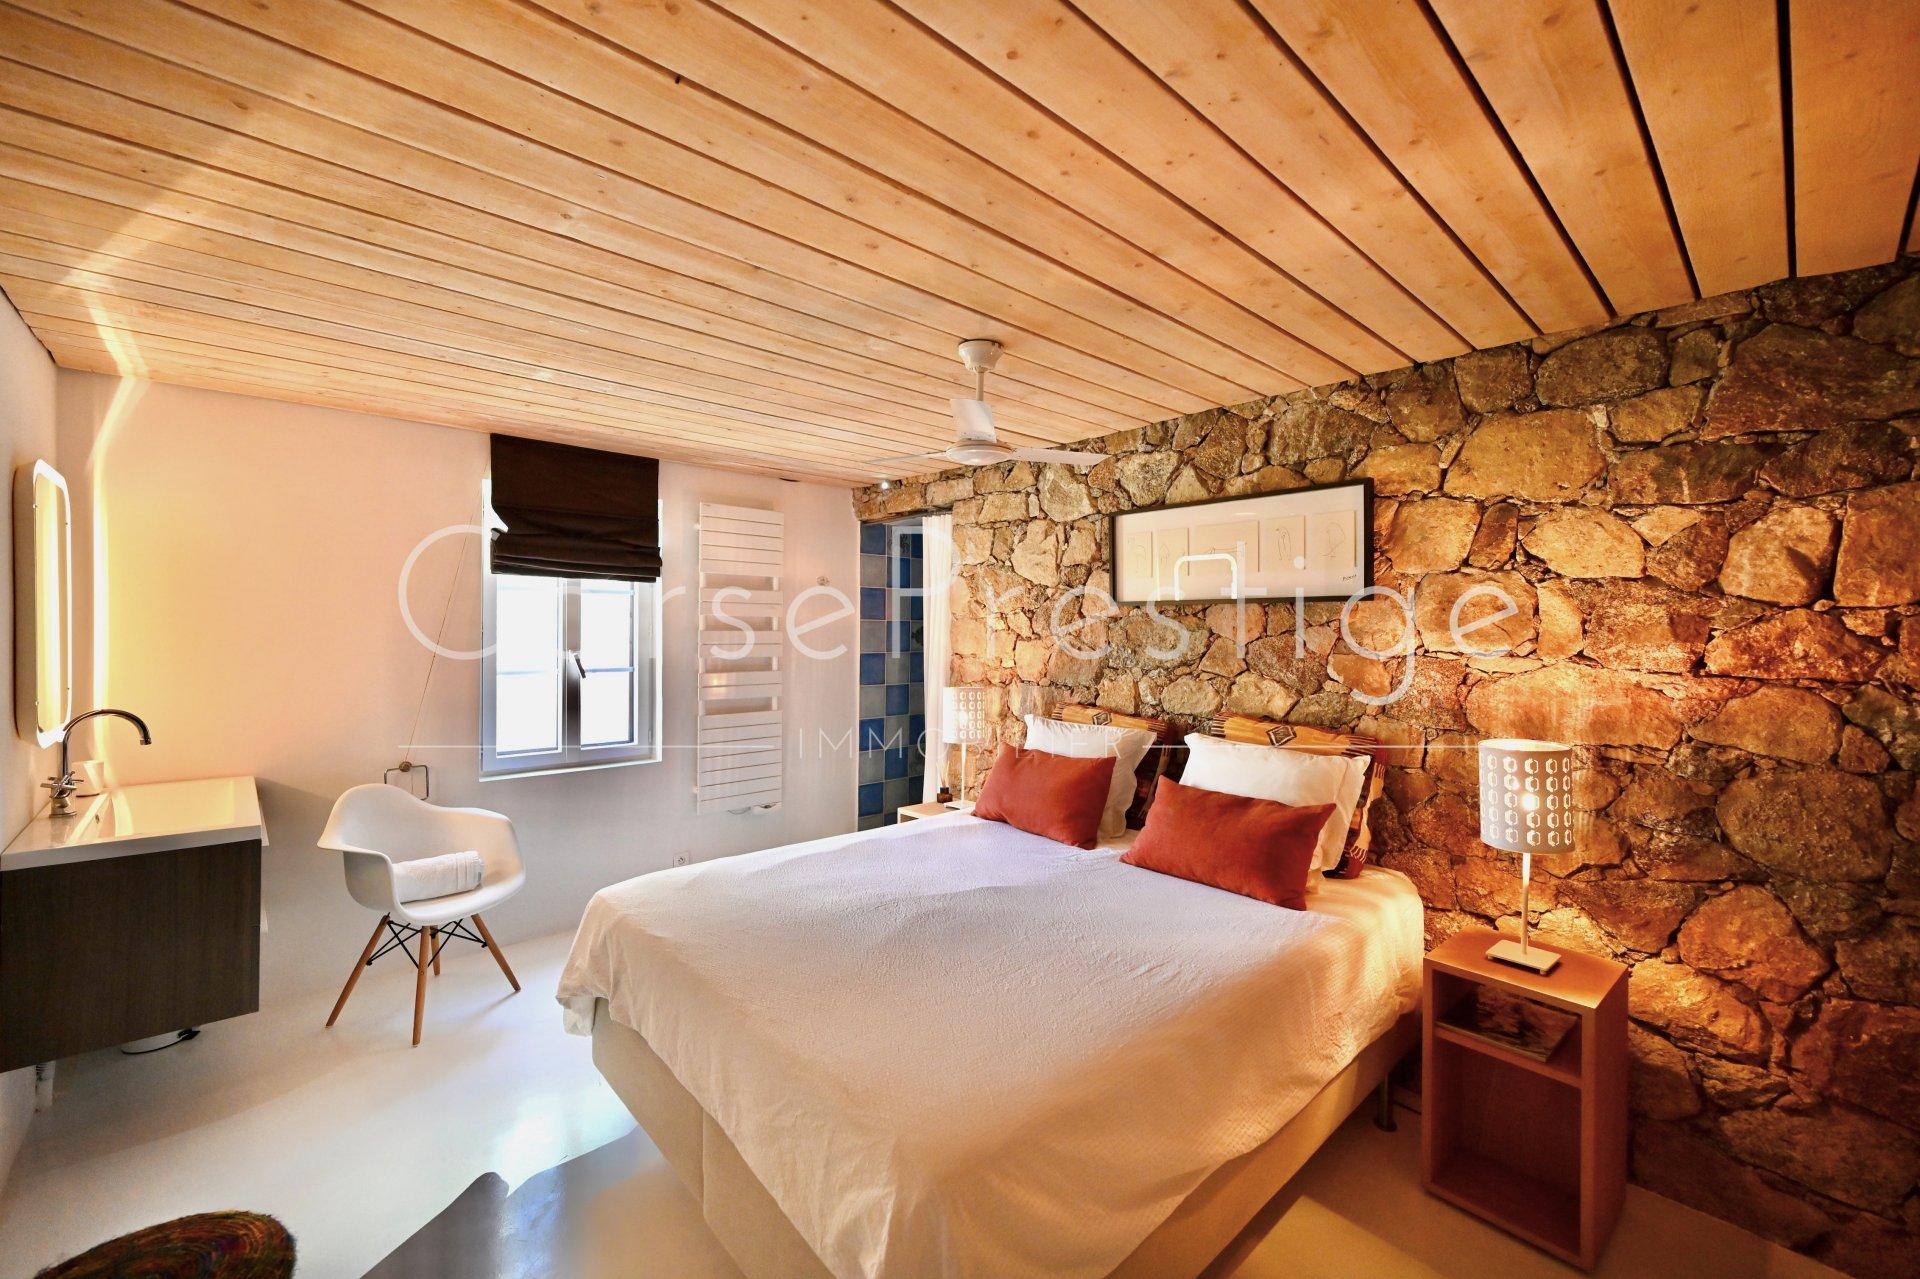 a dream farmhouse for sale in corsica – balagne image6